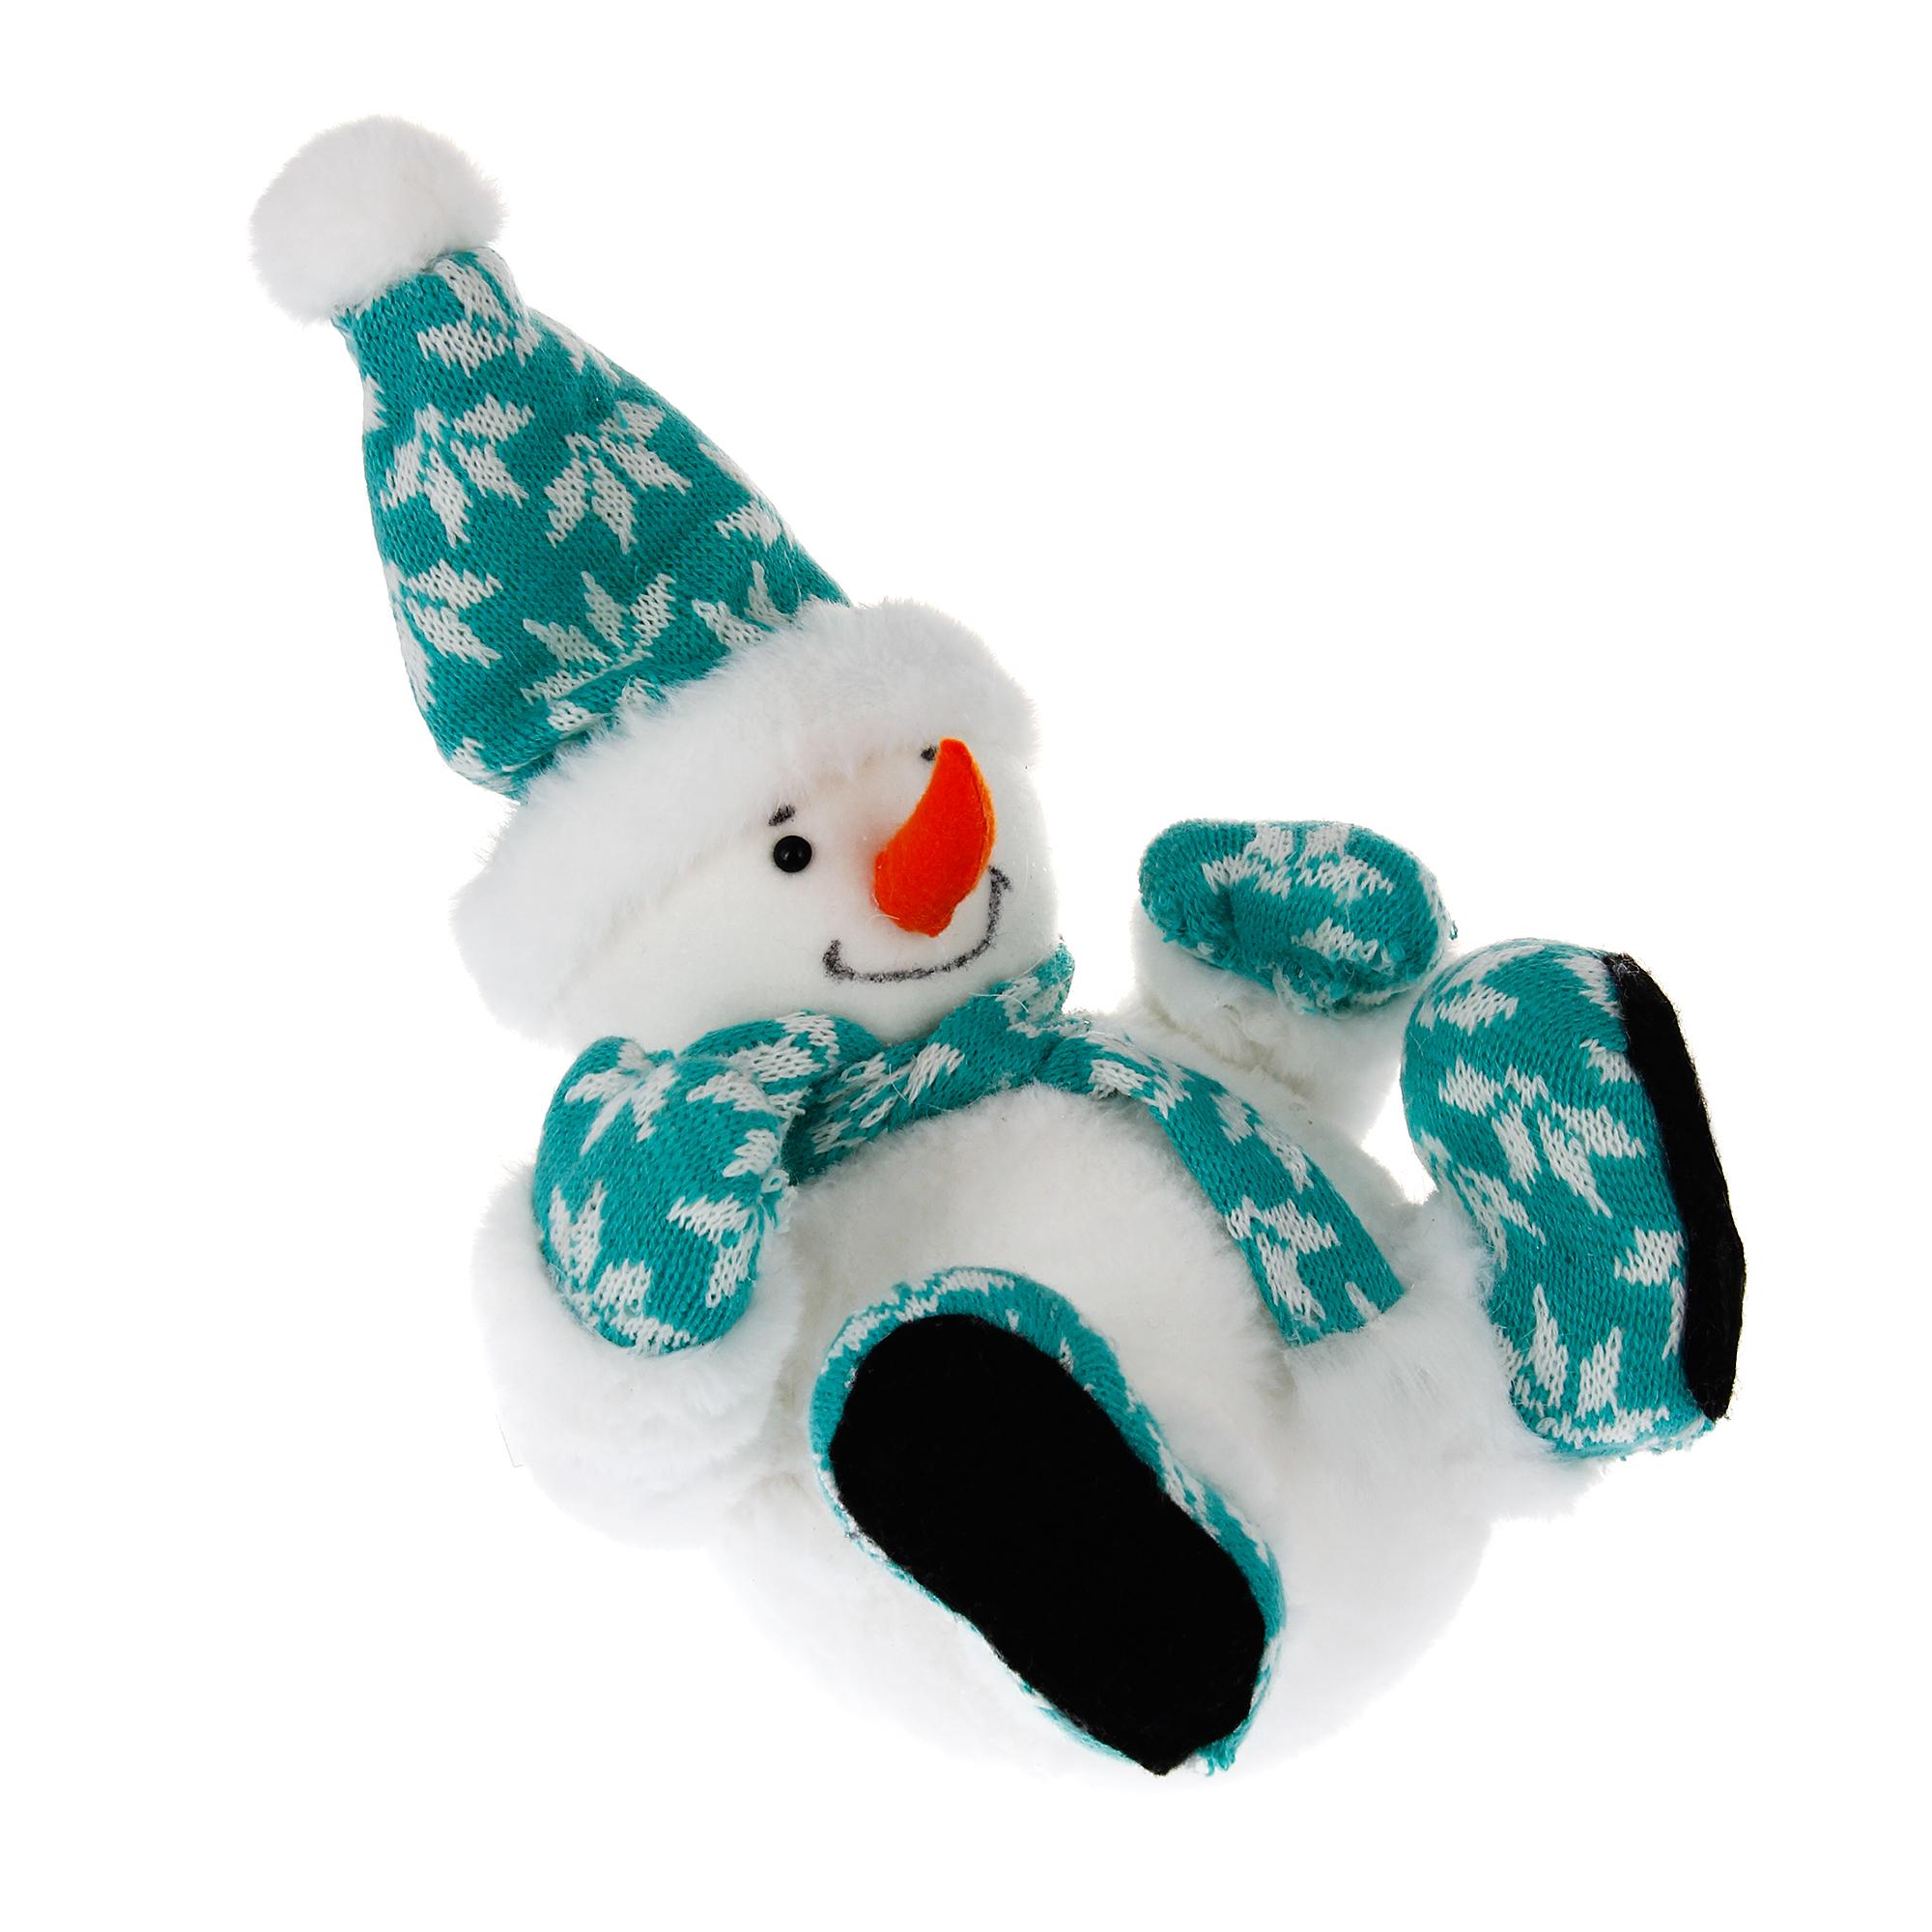 Фигурка декор Kaemingk снеговик фигурка lefard снеговик 787 179